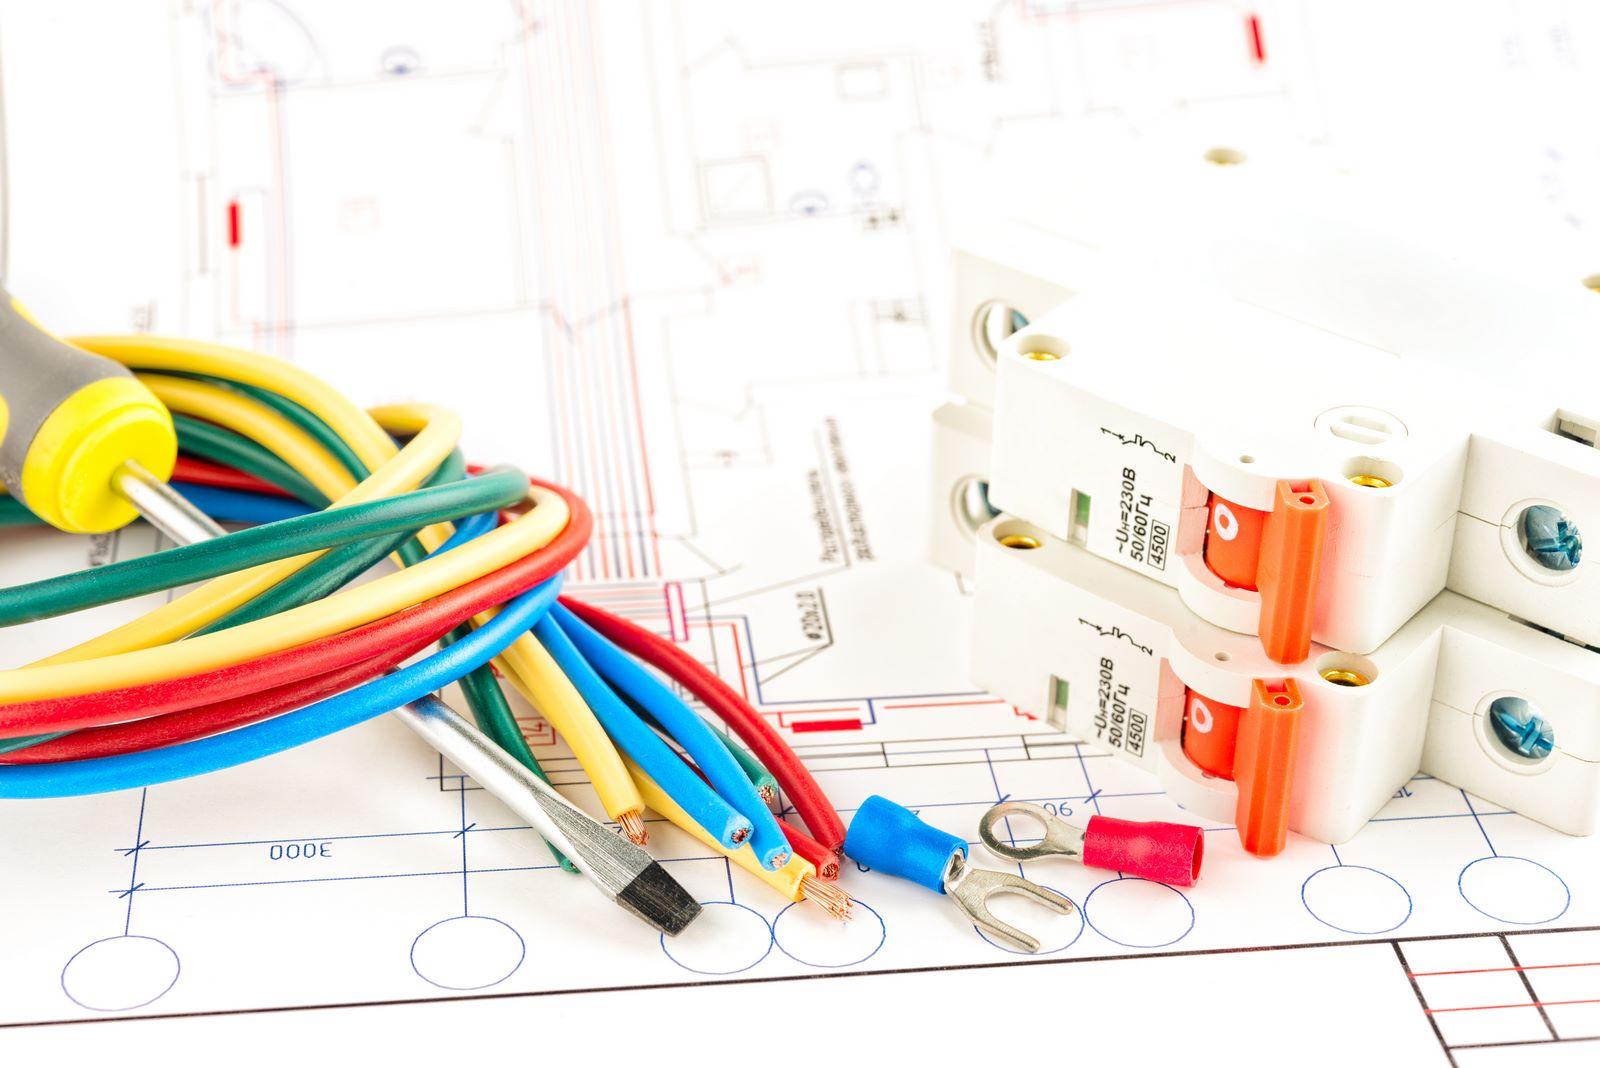 Preventivi per impianti elettrici e termoidrauilico